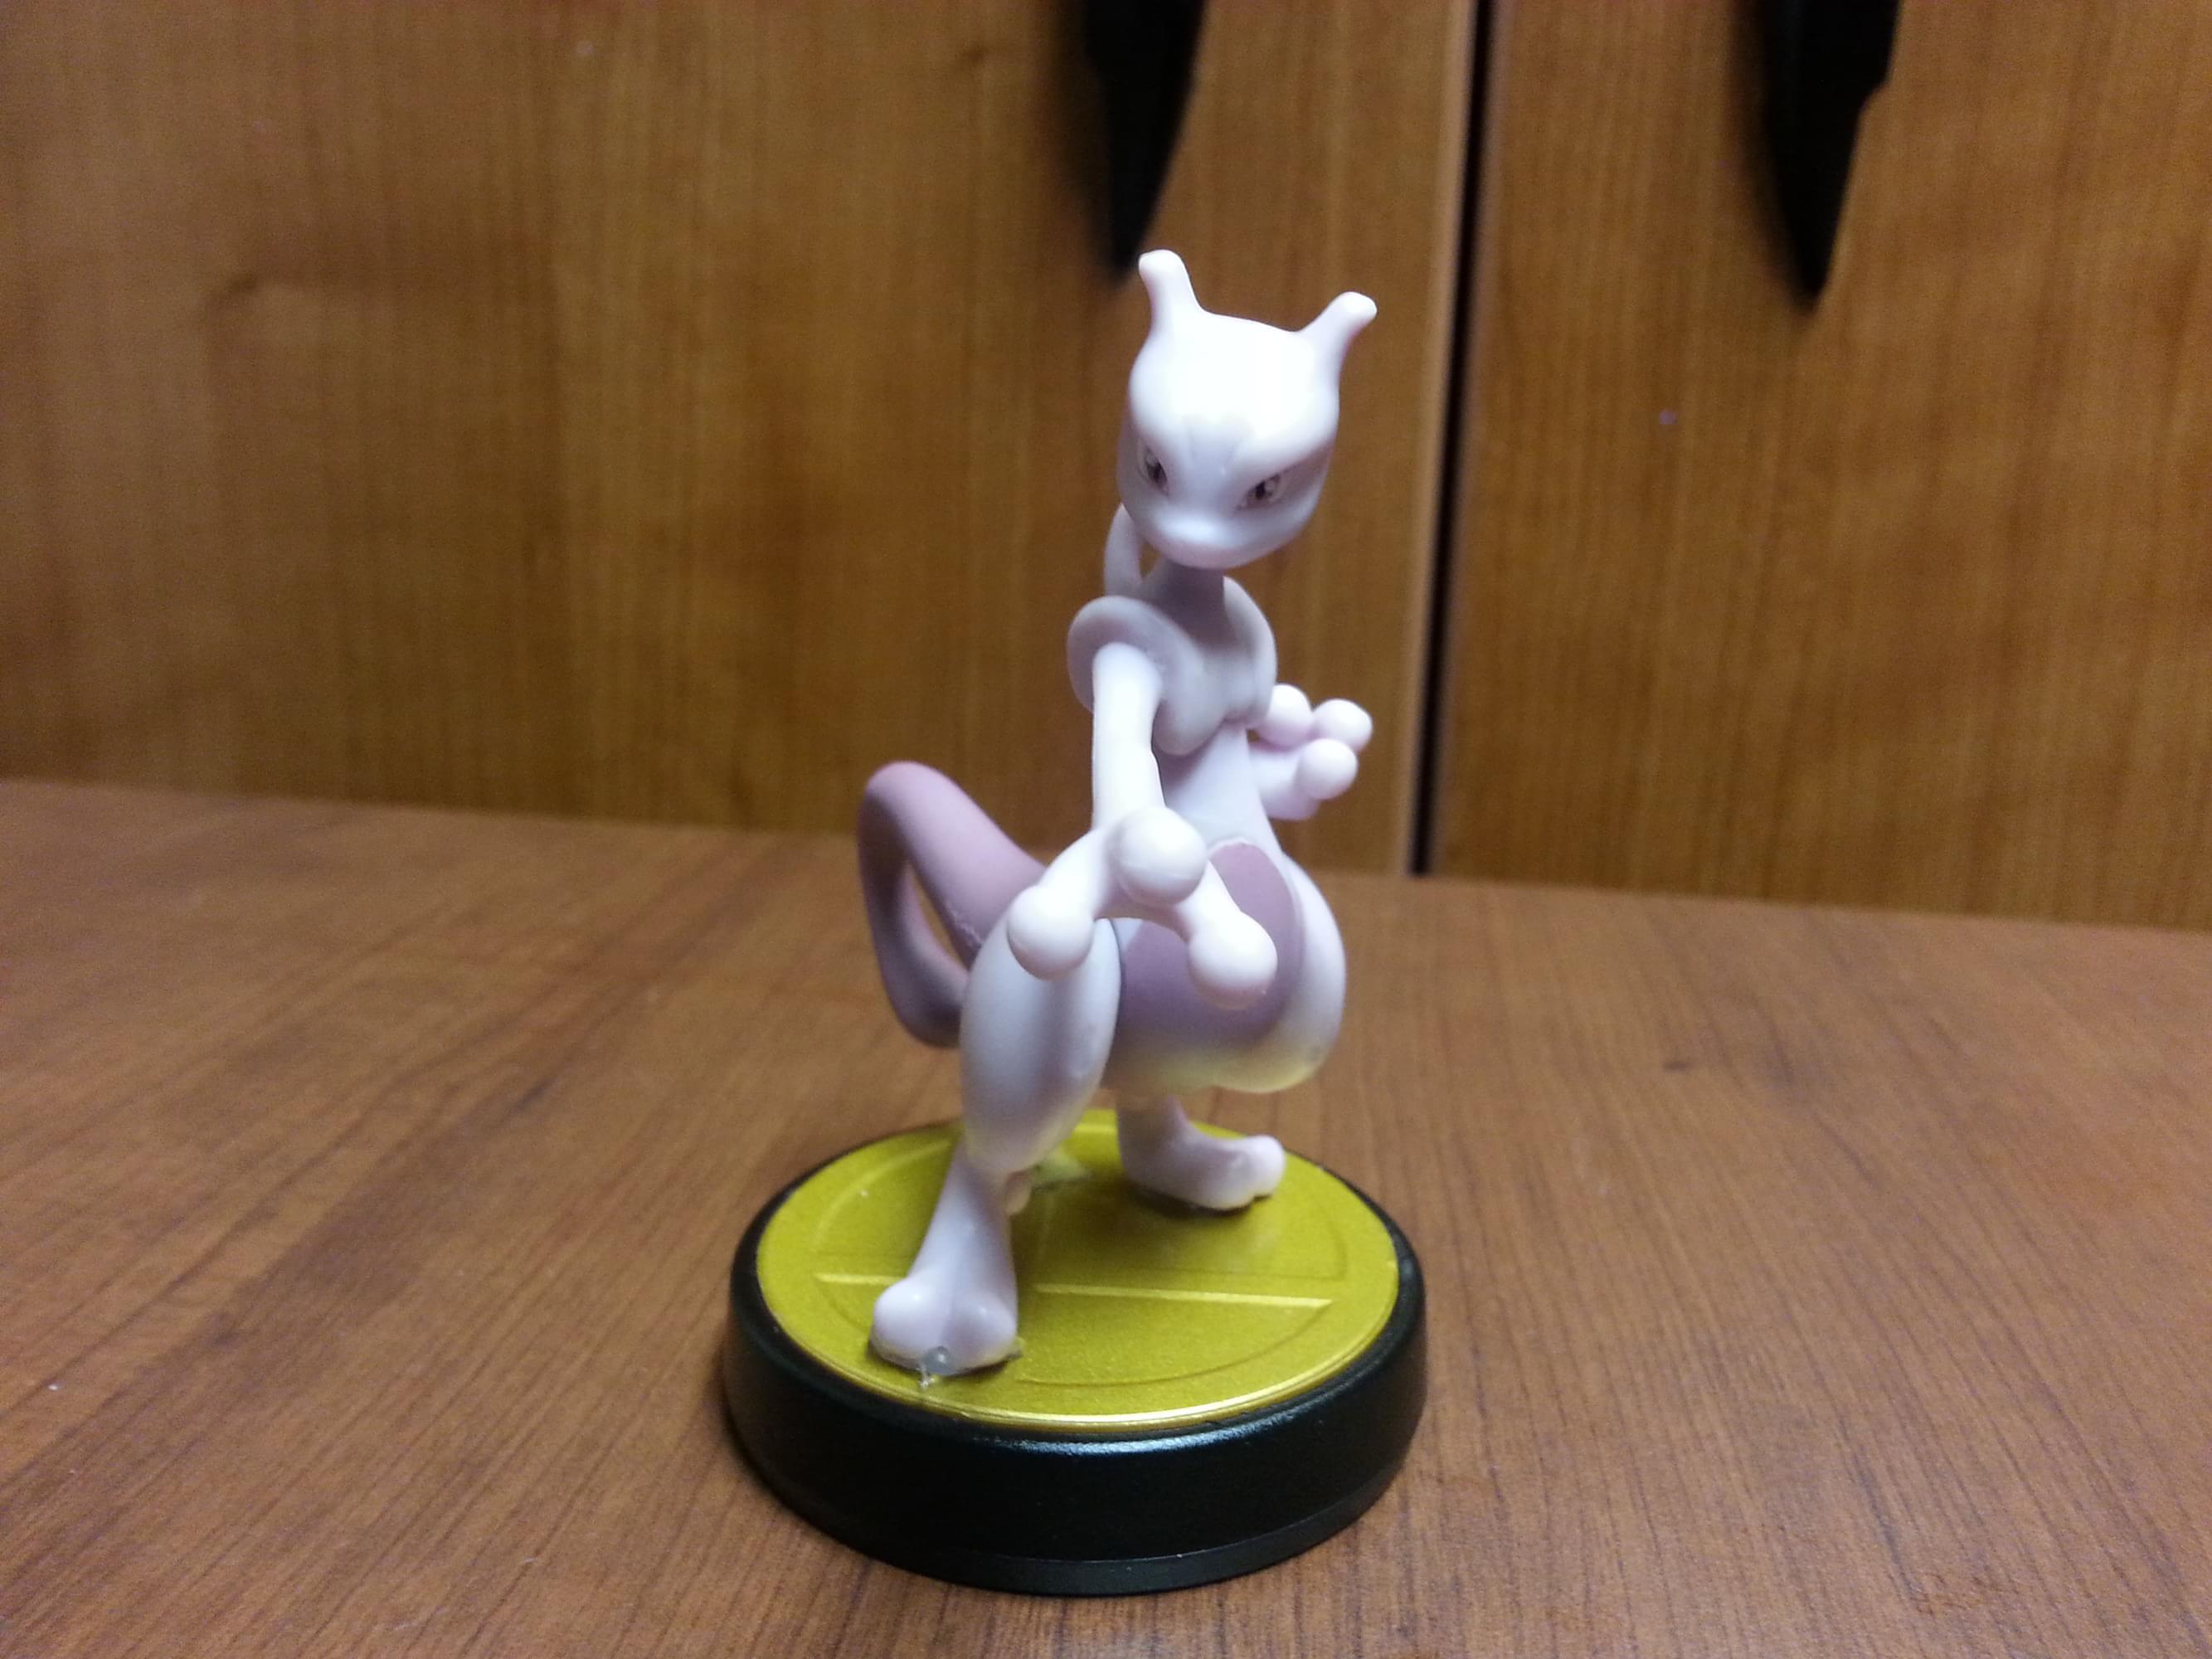 Fã cria Amiibo personalizado do Mewtwo com caixa e tudo